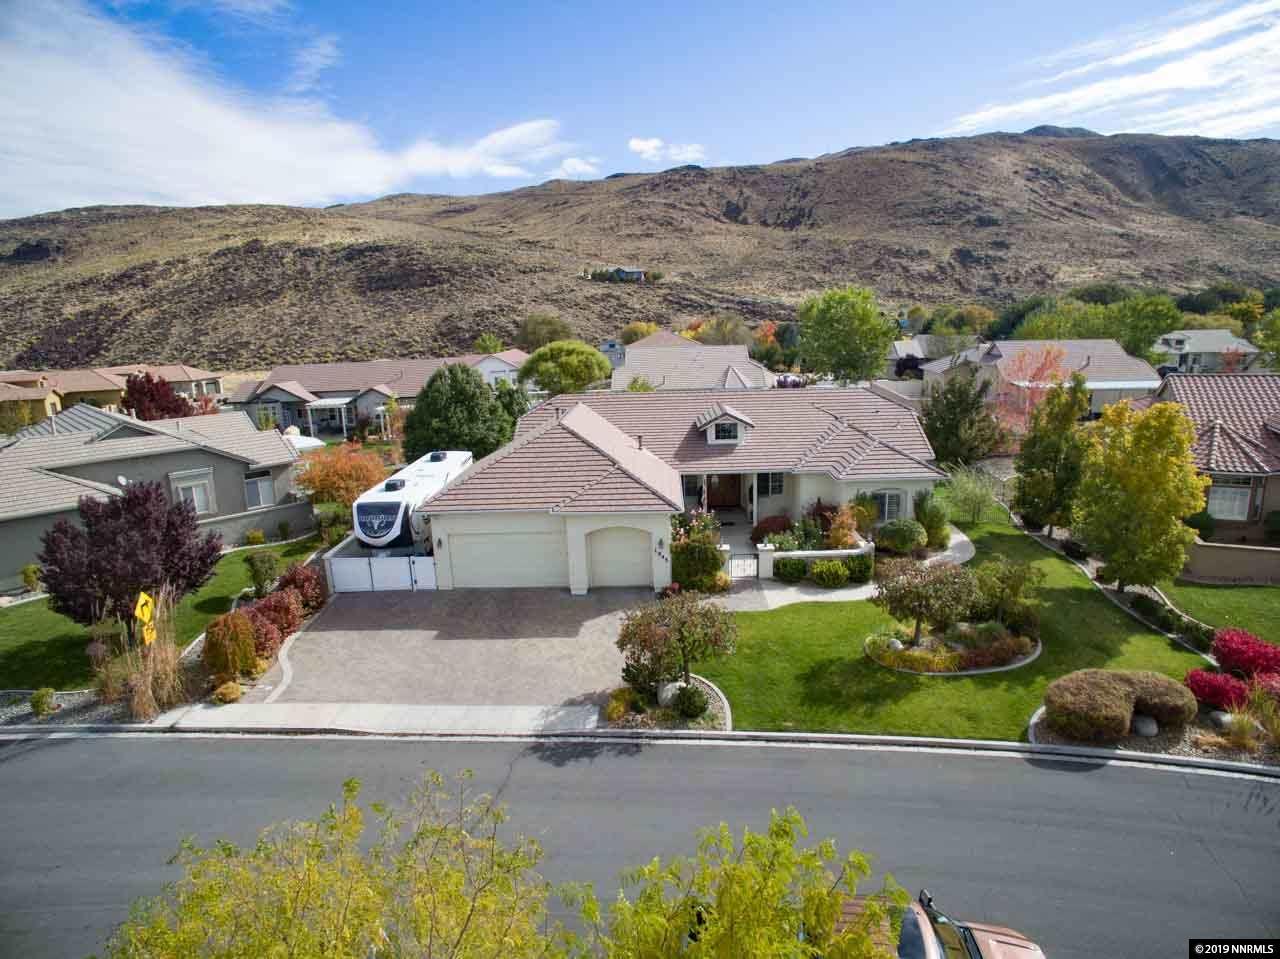 Image for 1945 Hidden Meadows Dr., Reno, NV 89502